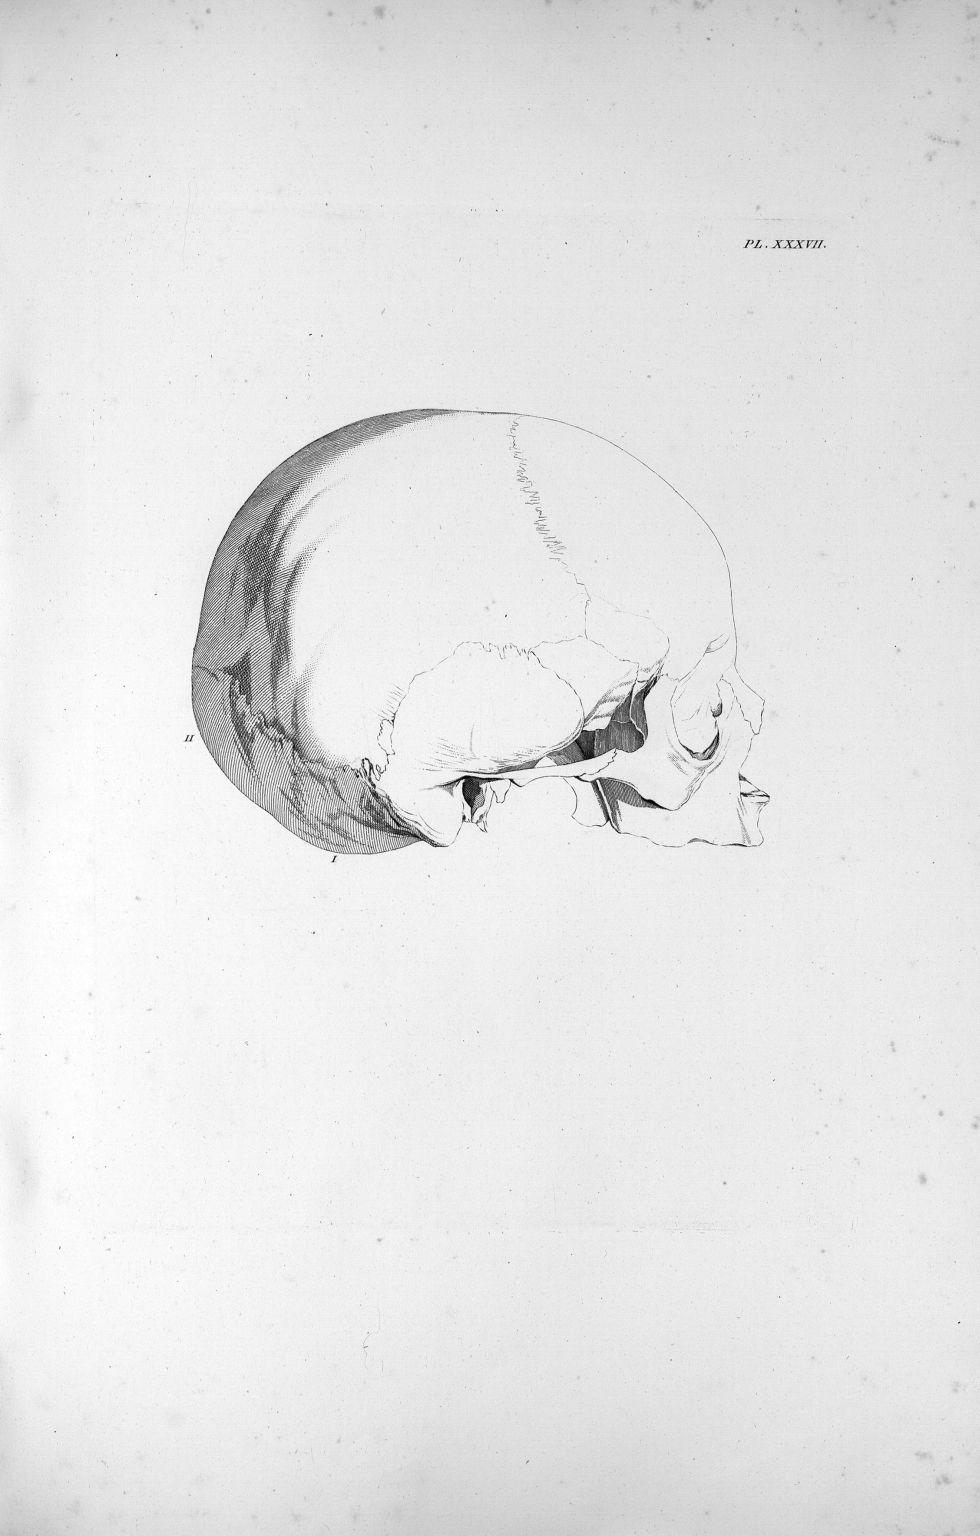 Pl. XXXVII. Crâne d'un garçon de dix à douze ans - Anatomie et physiologie du système nerveux en gén [...] - Anatomie. Neurologie. Crânes. 19e siècle (France) - med00575xatlasx0047